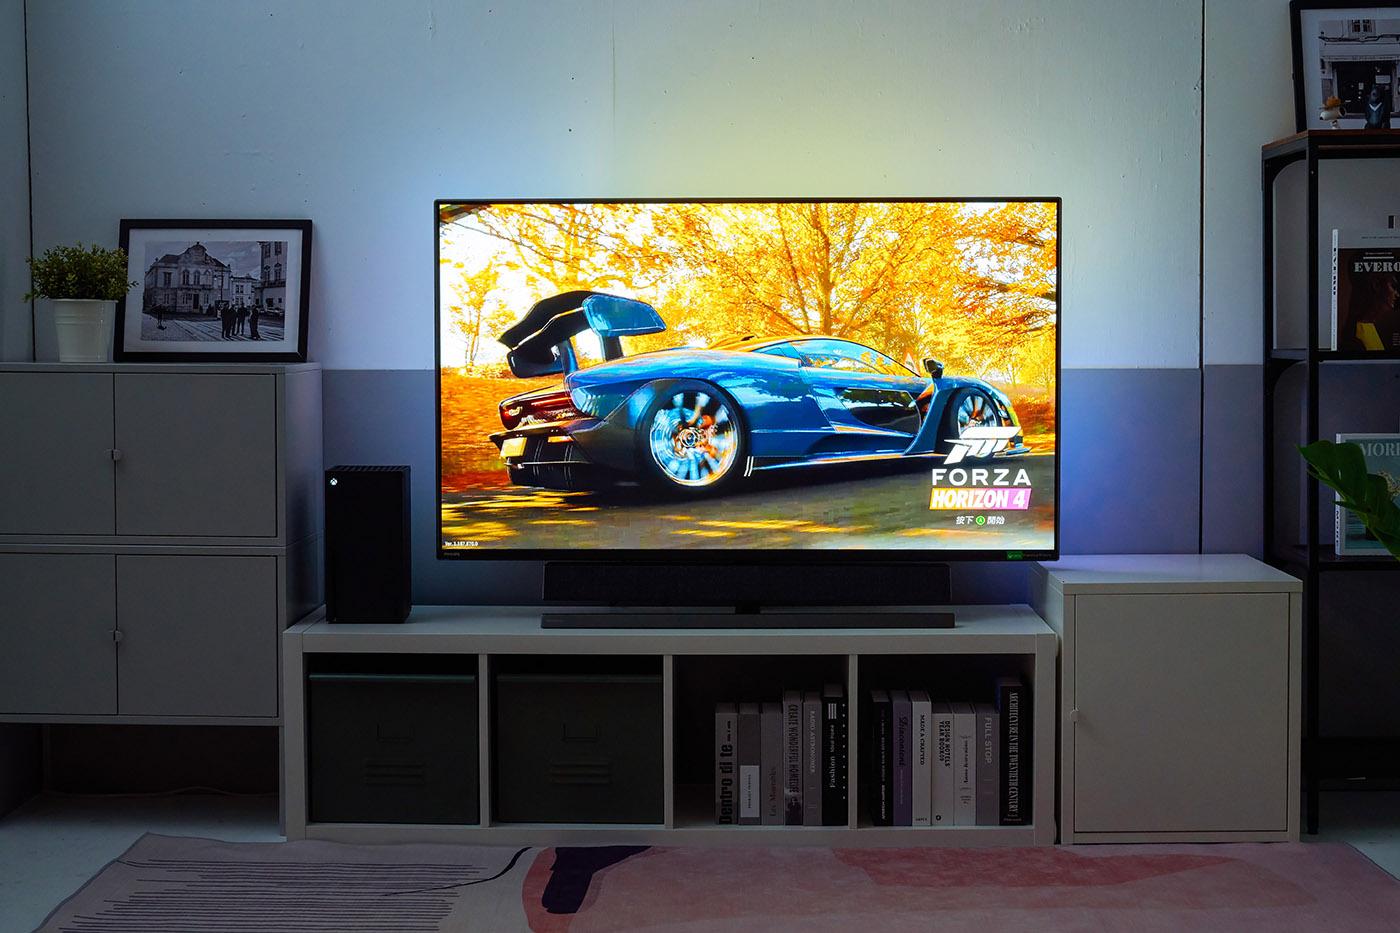 更深一層檢視的要點,就是顏色的表現,因為新世代遊戲機的畫面表現力更強,在色彩方面,不僅顏色豐富,各種物件在光影下的色階變化,也更為細膩,透過擁有更高螢幕亮度以及更大動態範圍表現,取得Display HDR 1000 認證的559M1RYV 顯示,效果當然更加逼真。